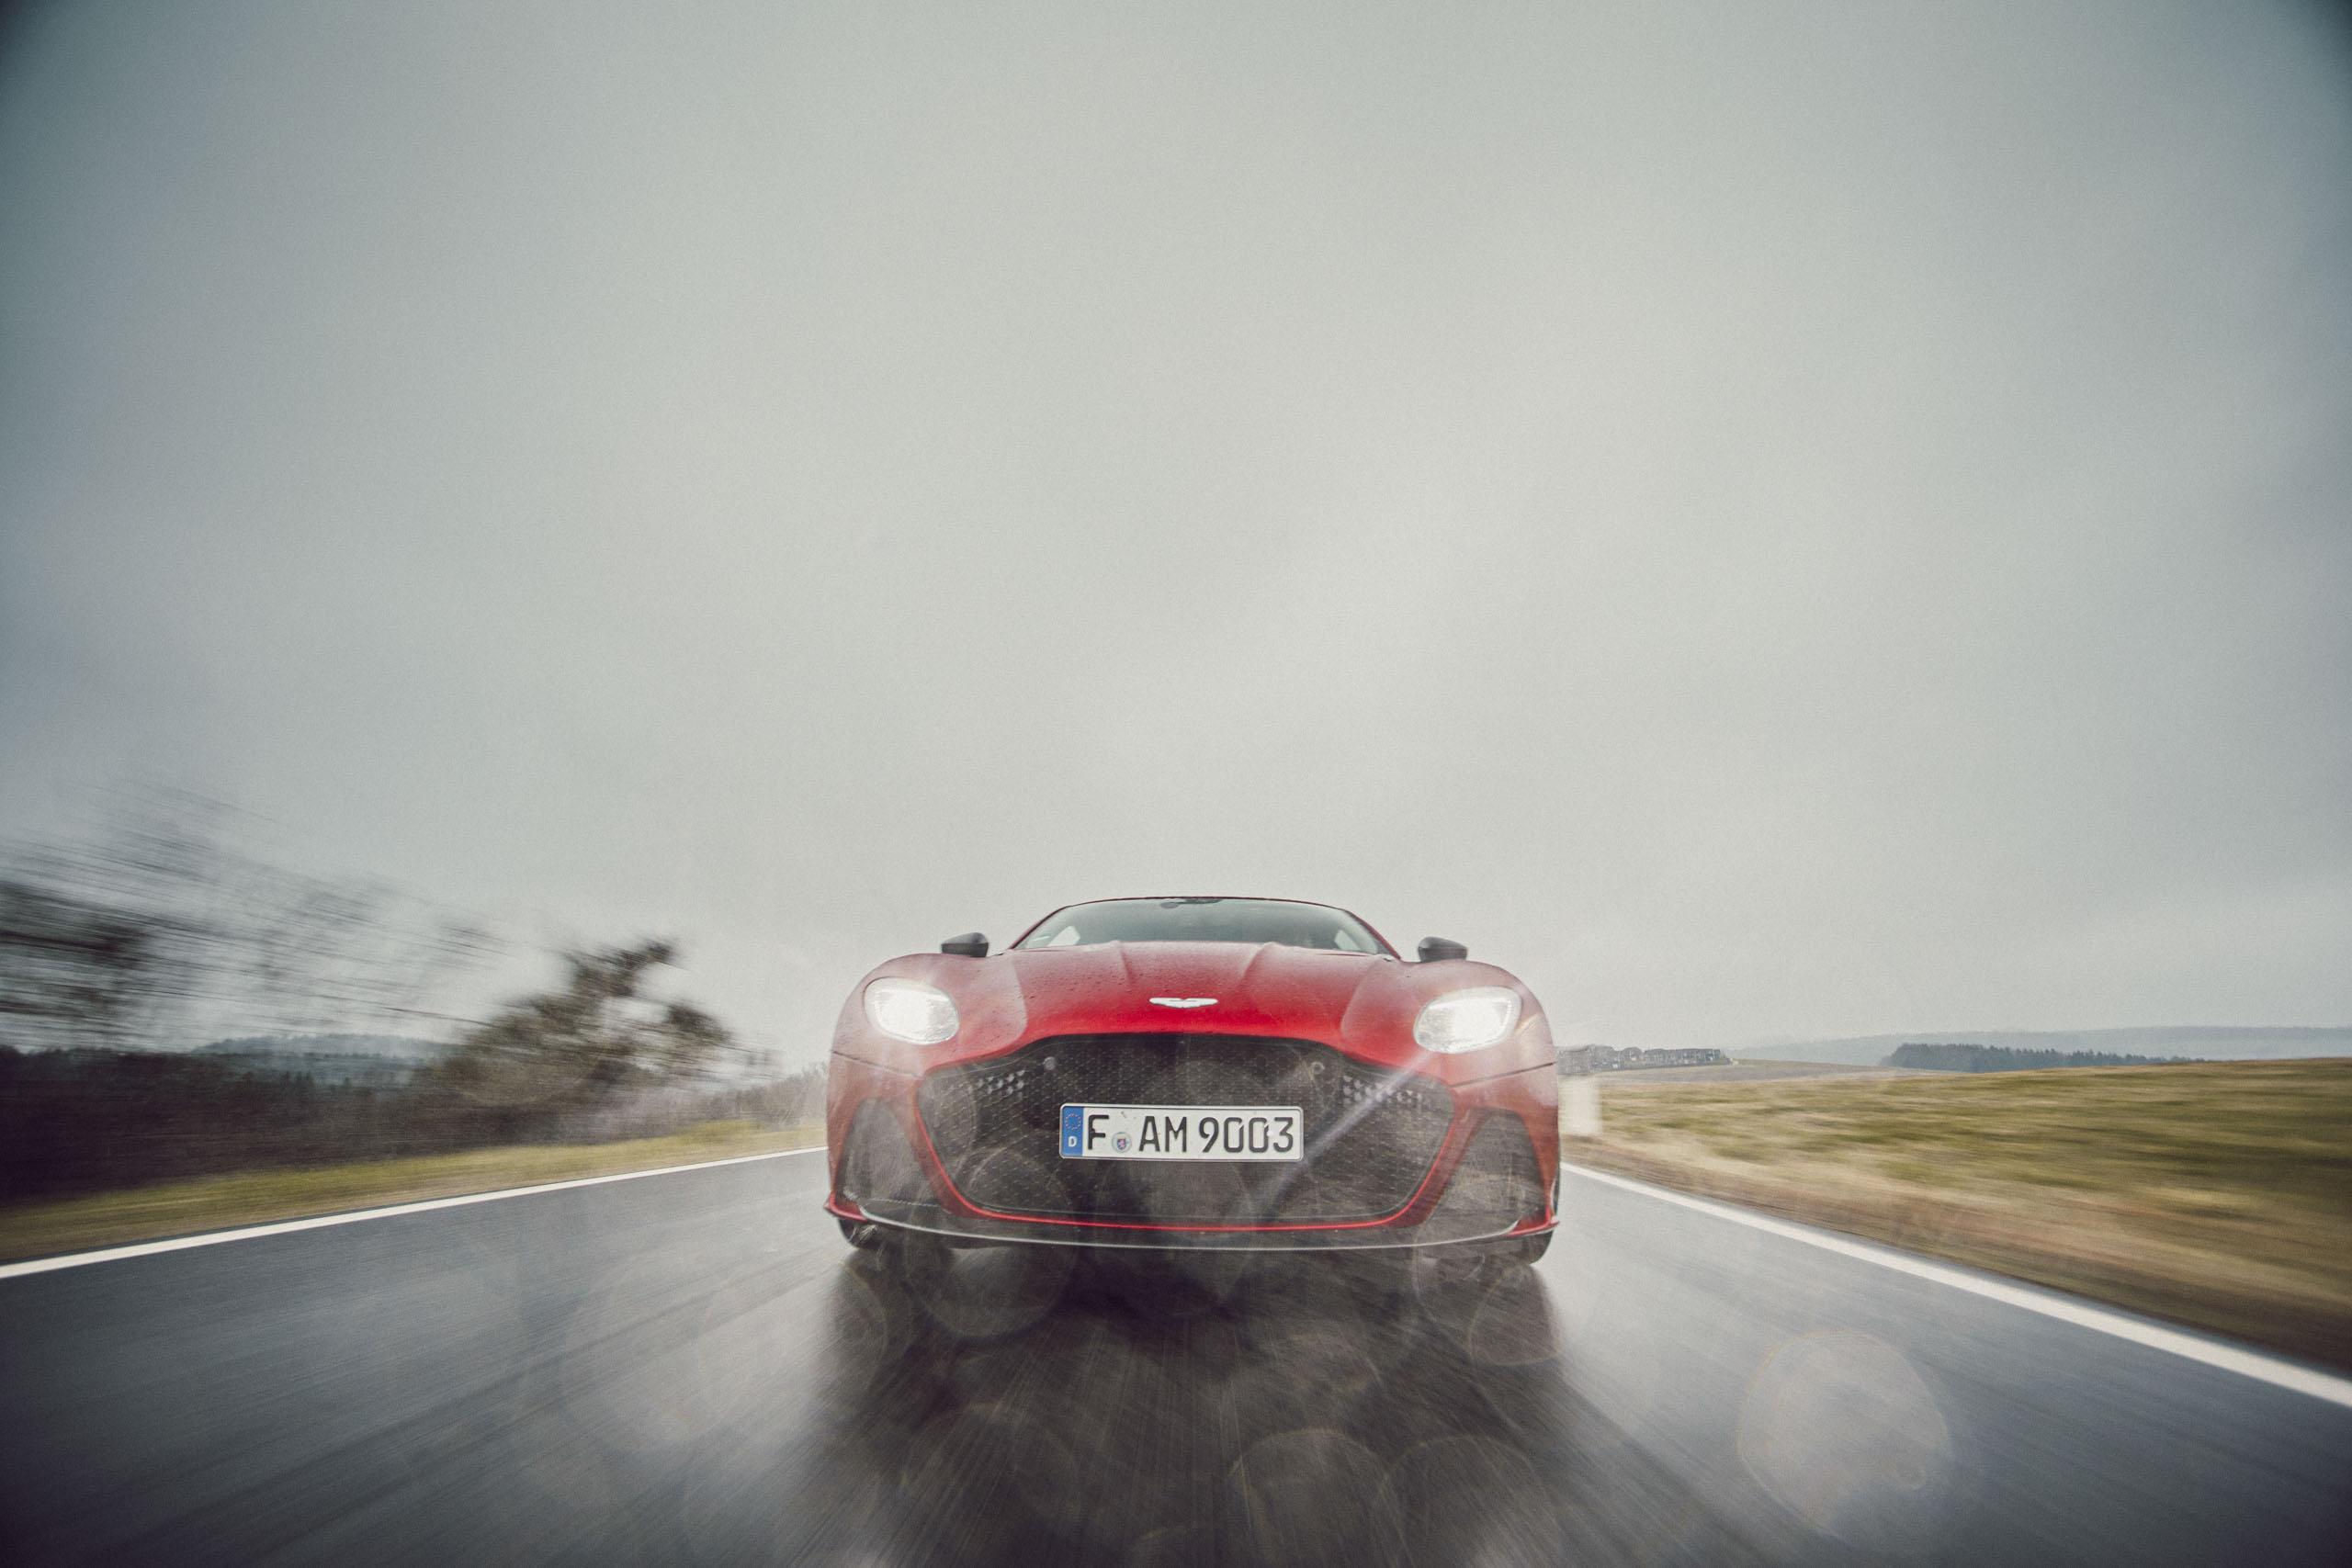 Roter Aston Martin Geneva während Regen bei der Fahrt Front